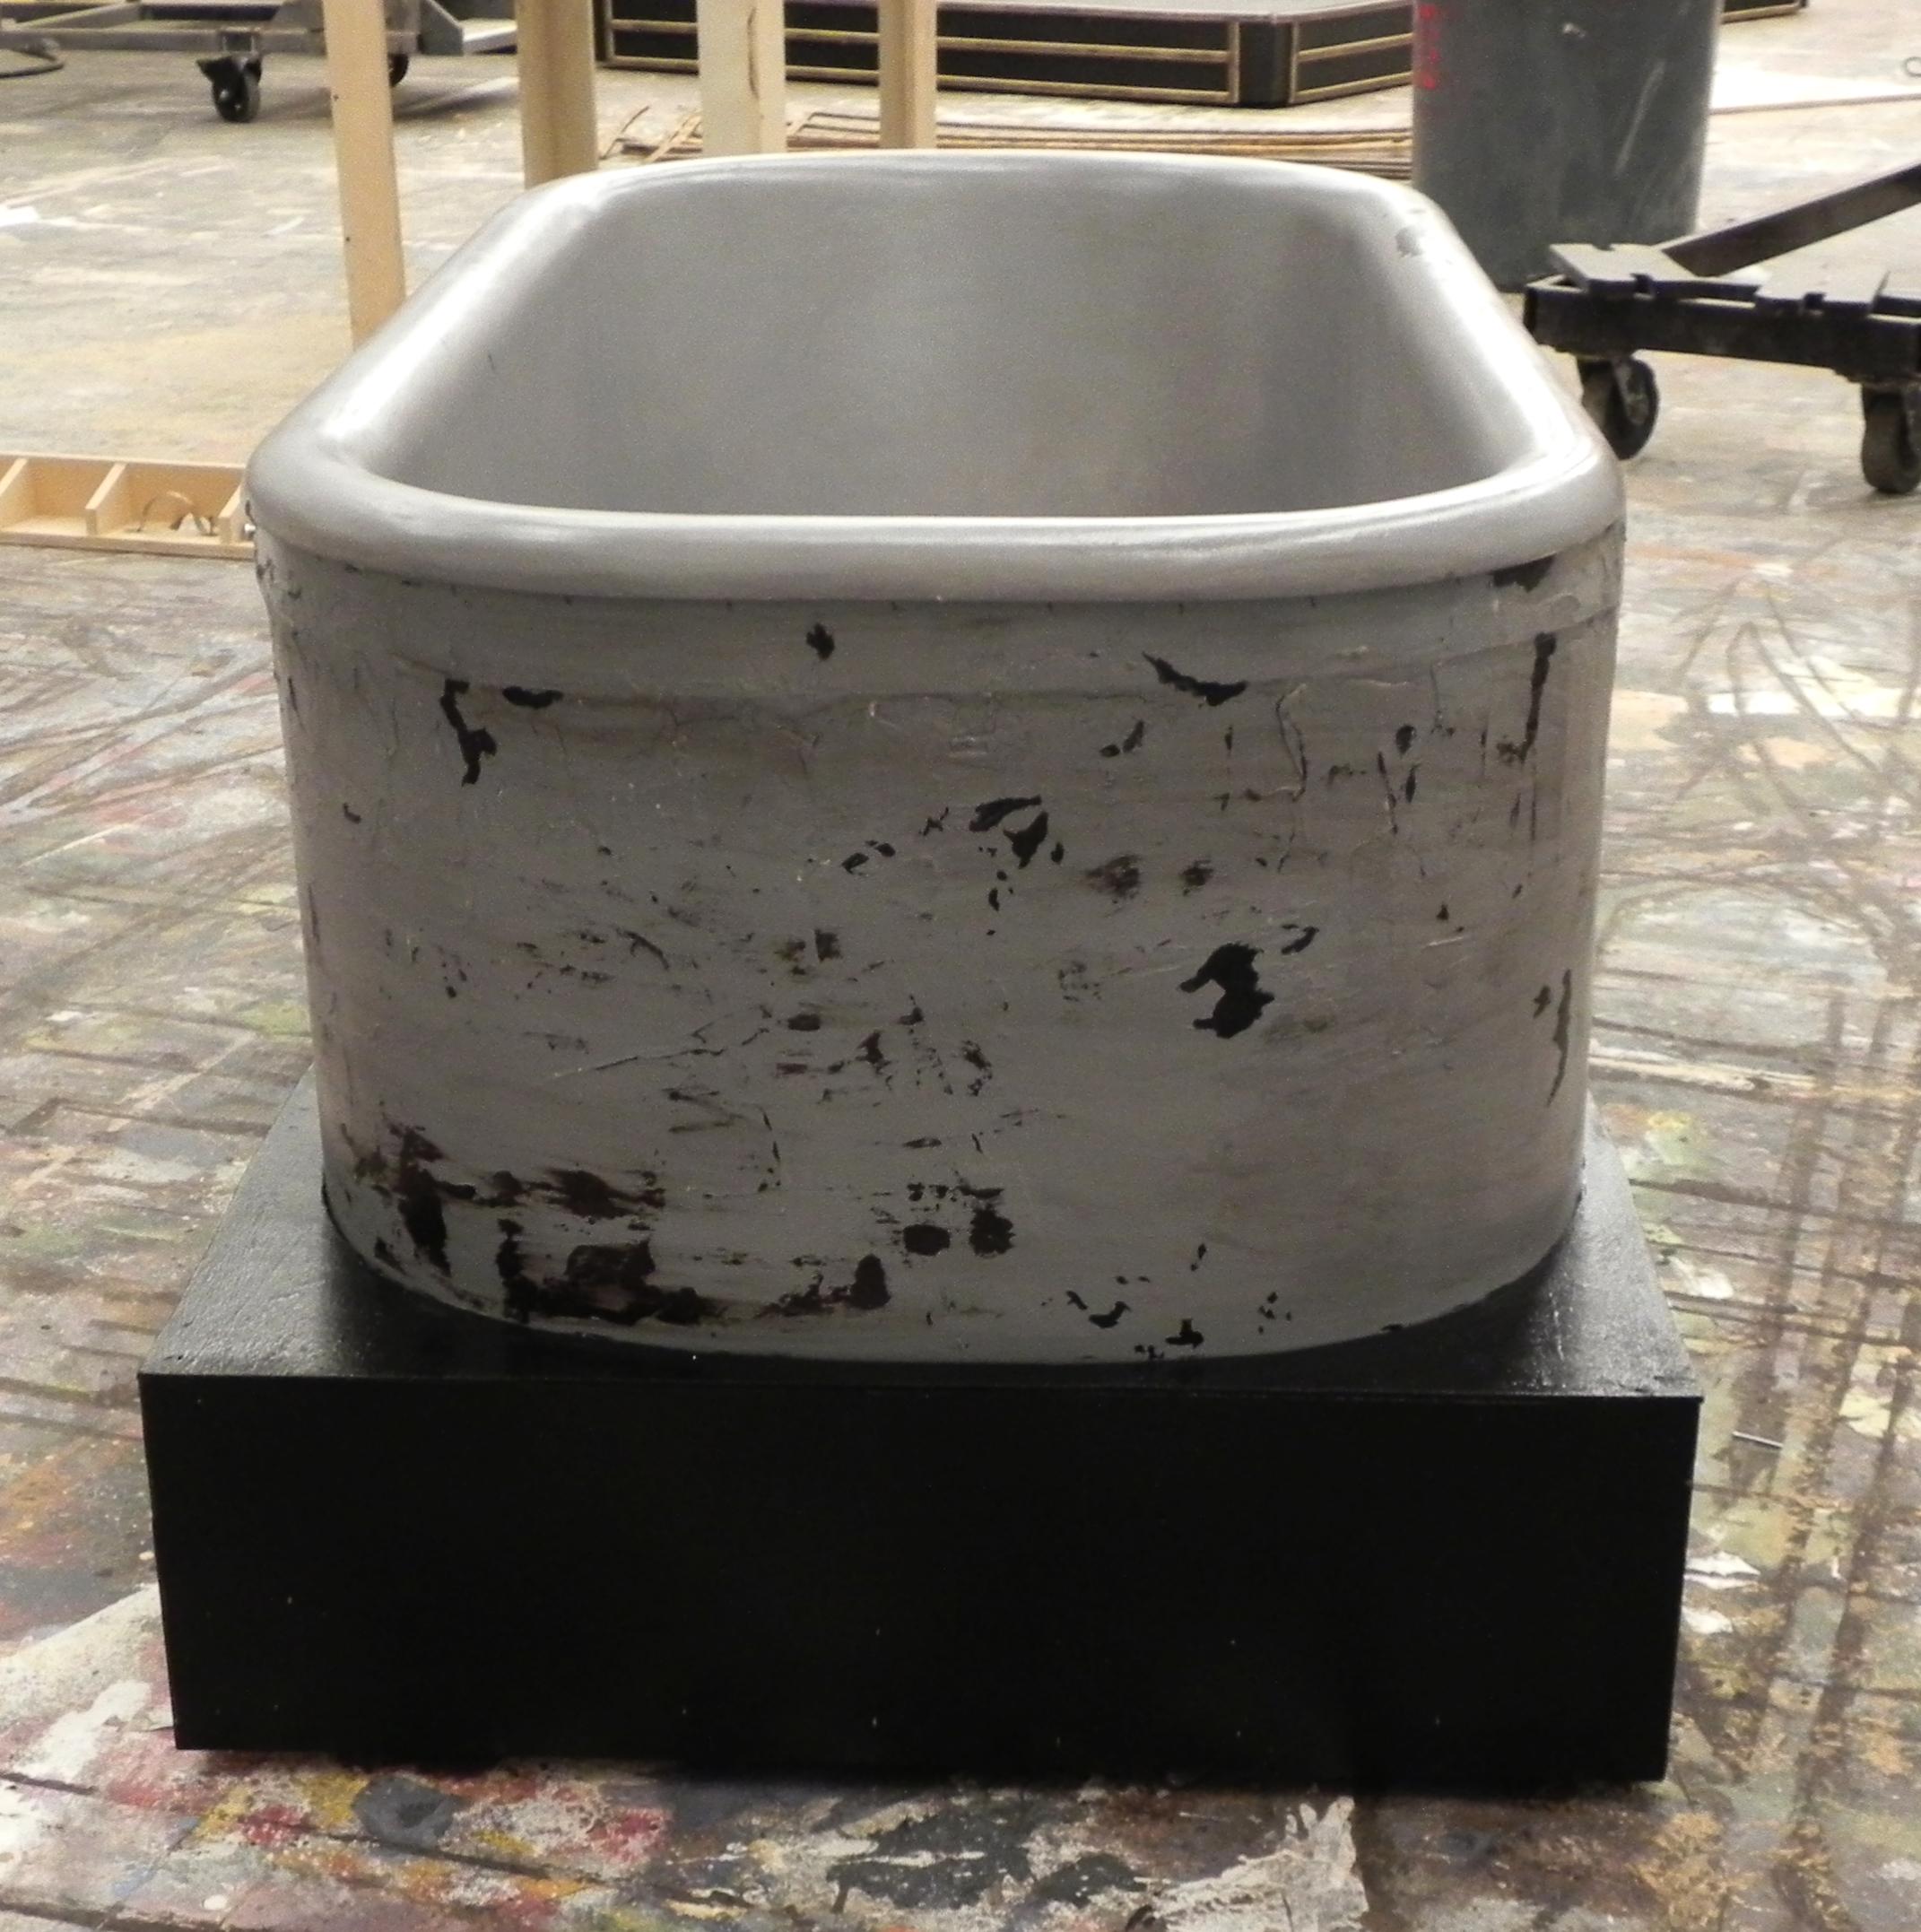 Detail of bathtub/toilet treatment